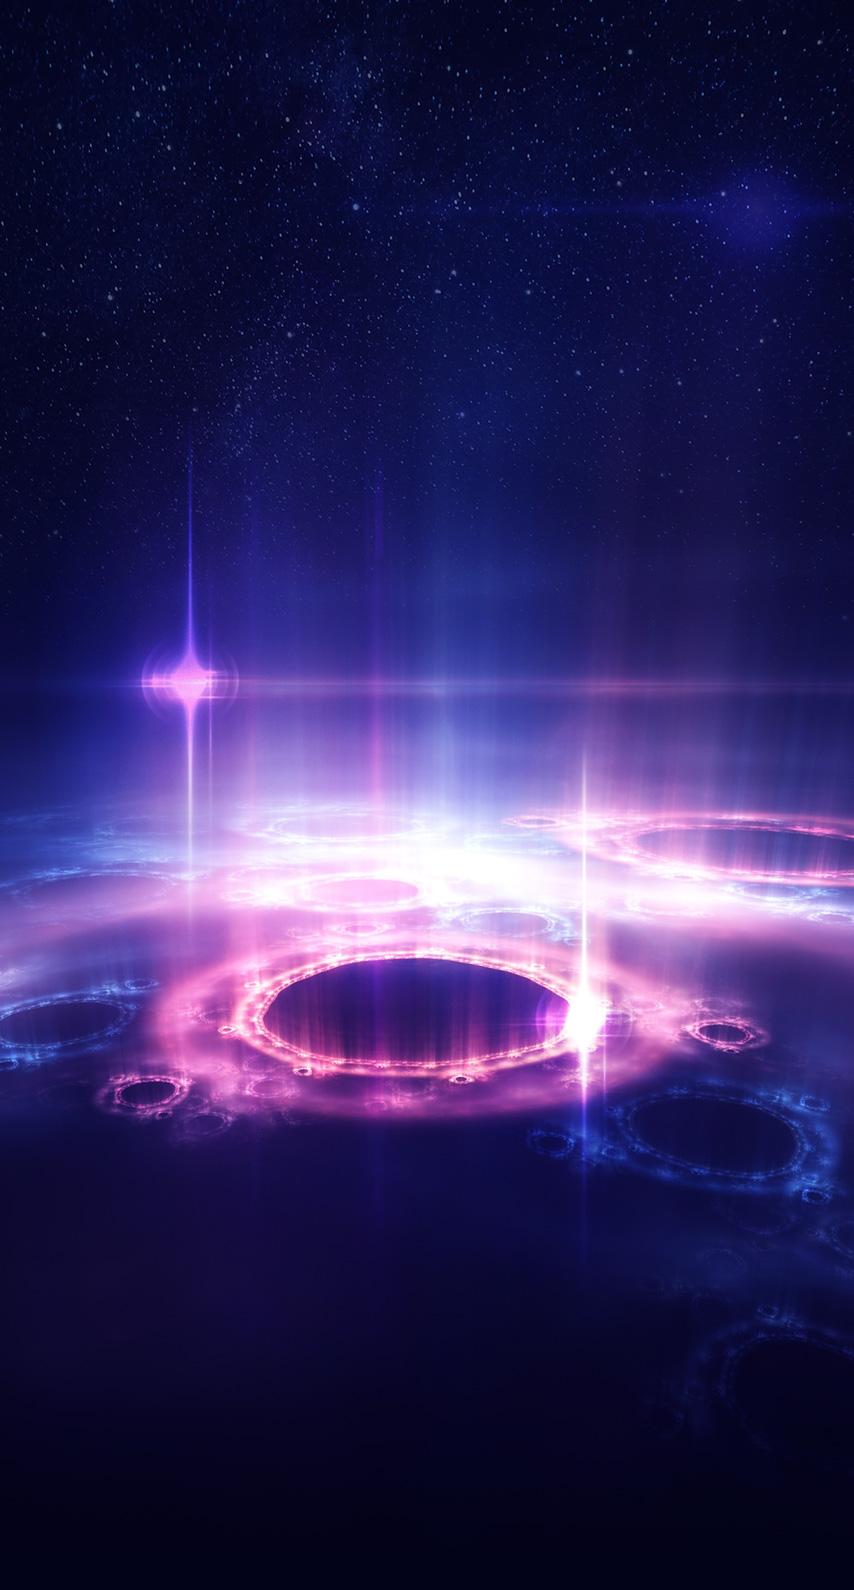 glow, violet, purple, dark